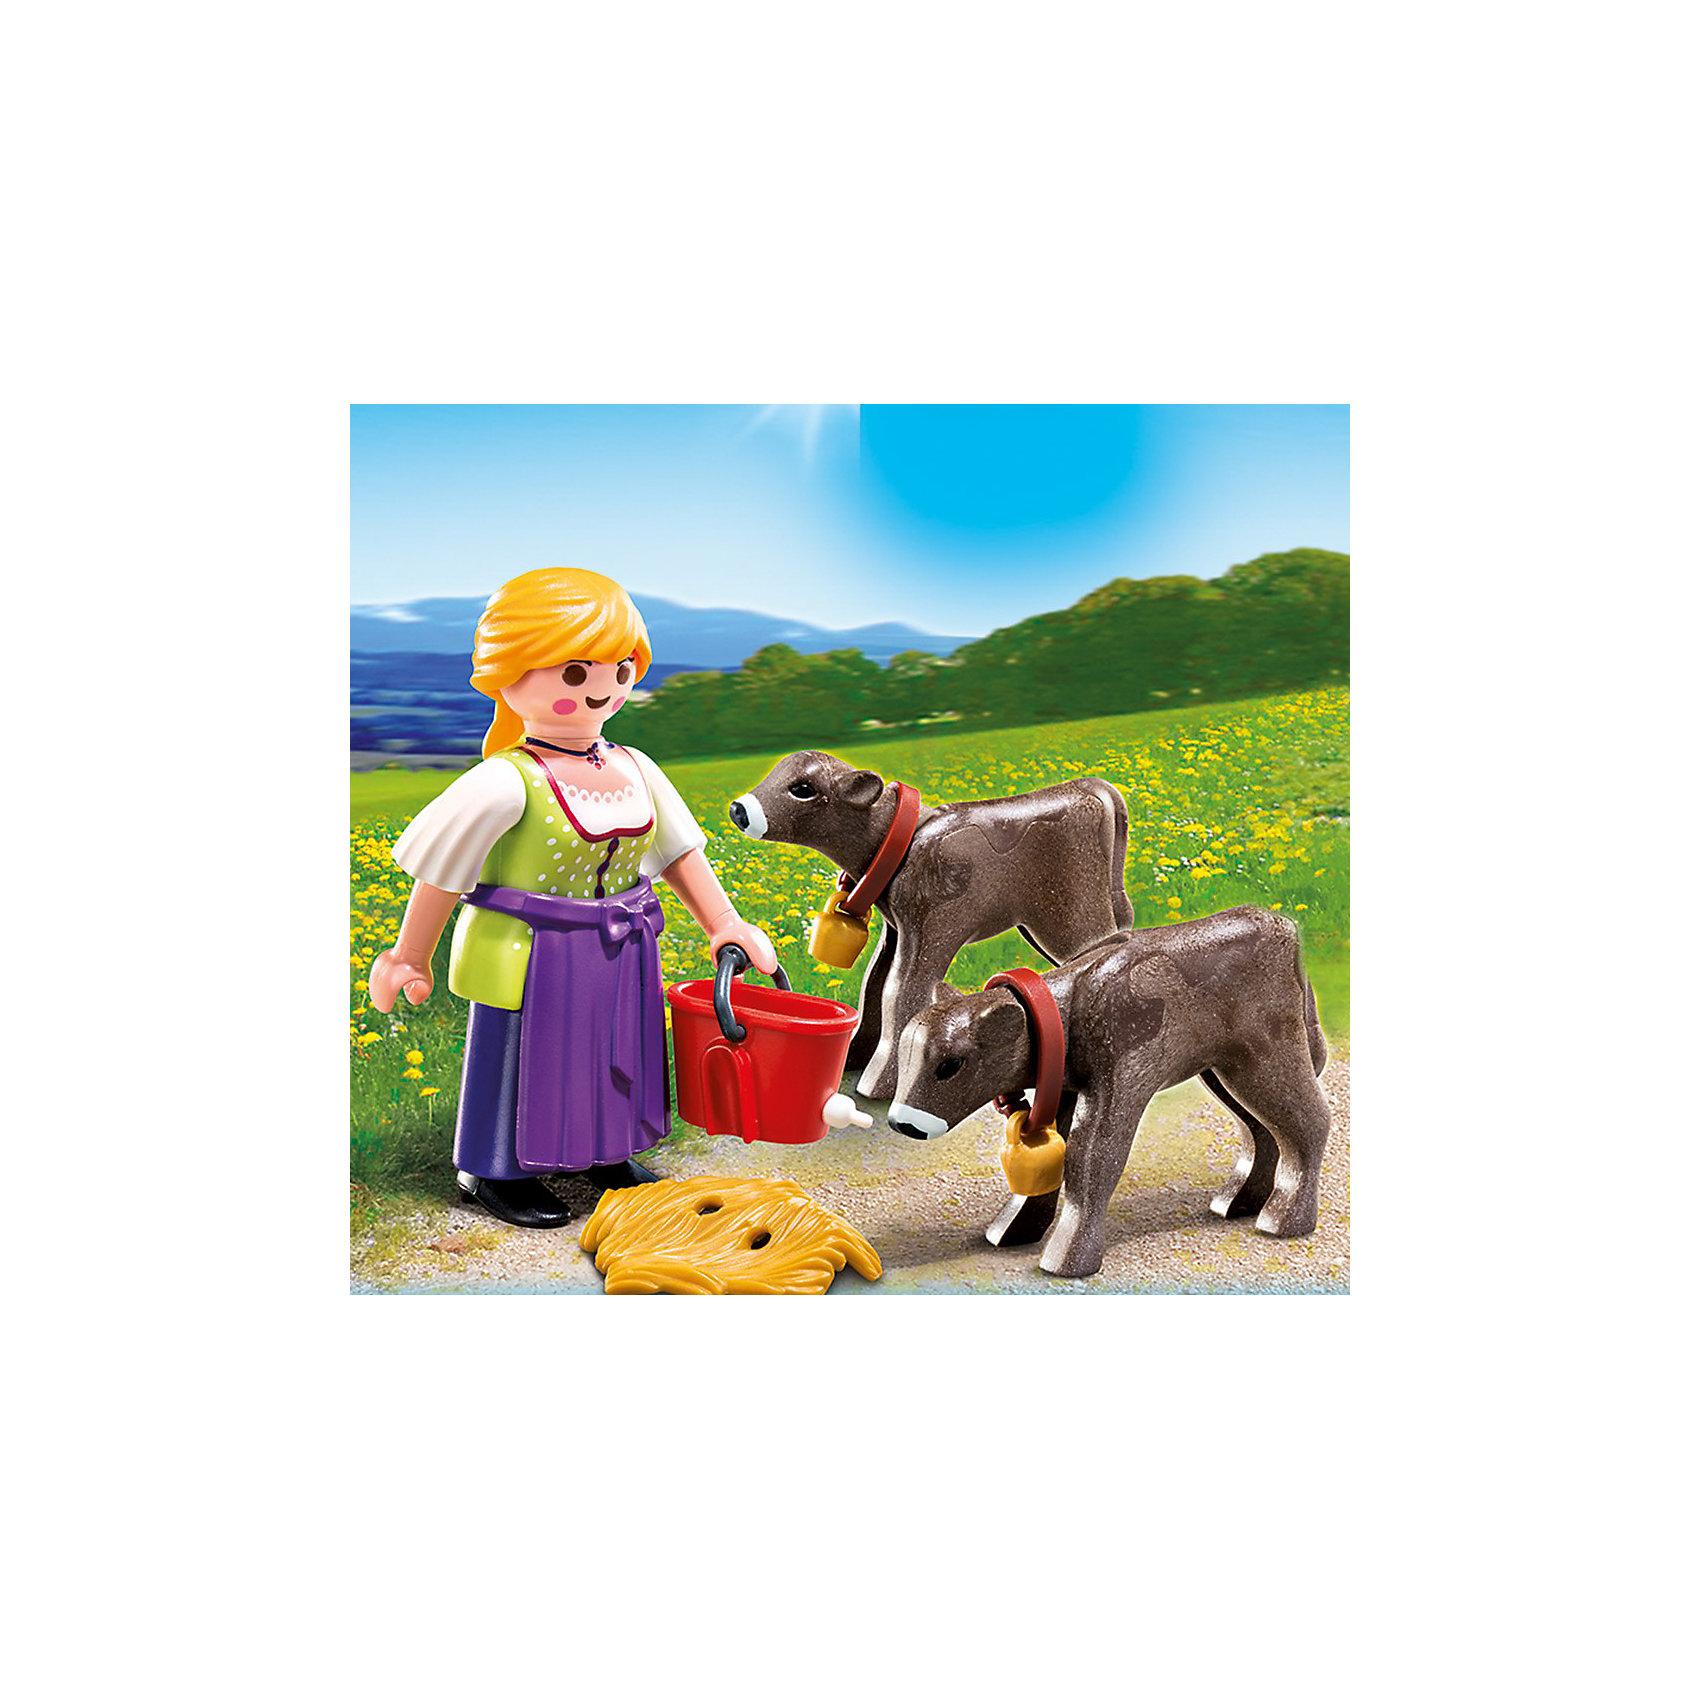 PLAYMOBIL® PLAYMOBIL 4778 Дополнение: Крестьянка с телятами playmobil ферма золотые ретриверы с щенками